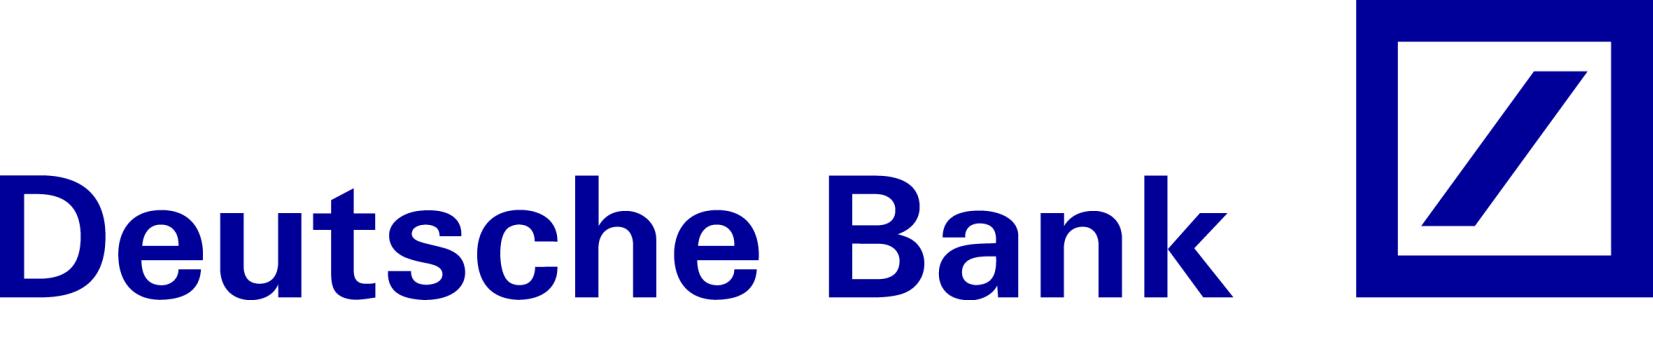 ما هي توقعات دويتشه بنك لليورو دولار؟